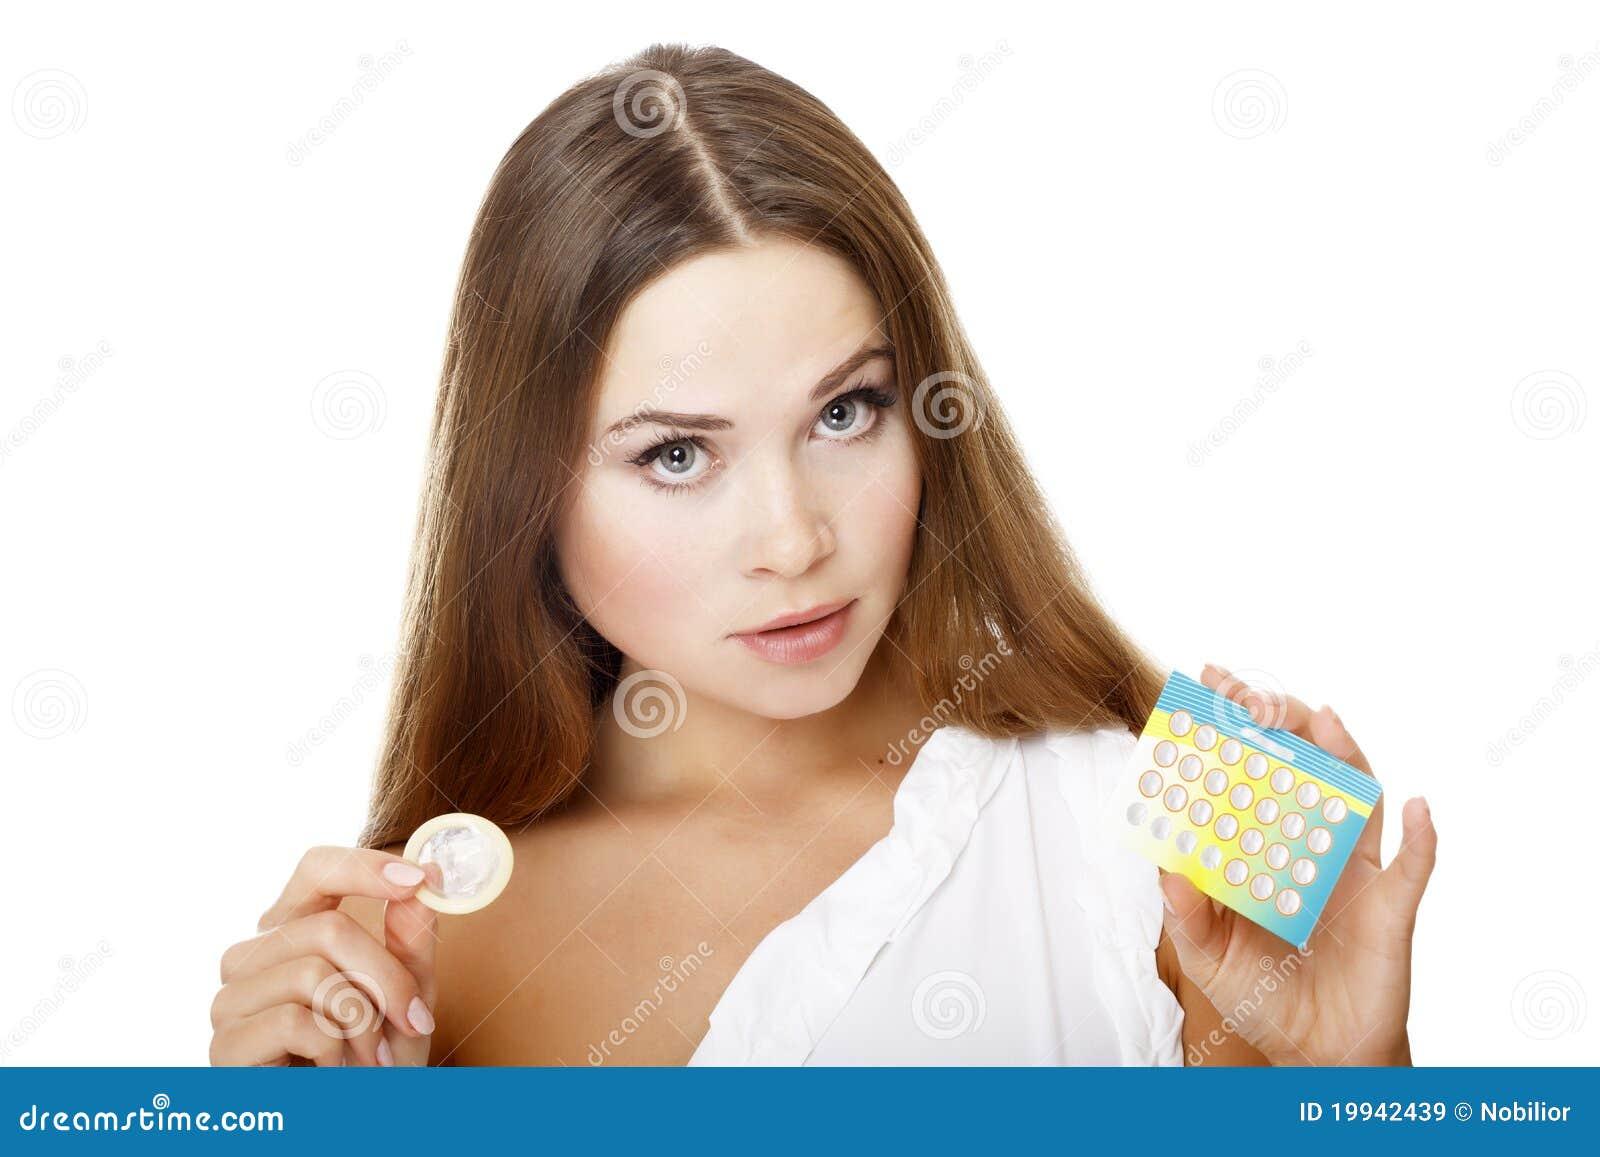 Первый раз кончил в презерватив и сразу был второй раз без презерватива